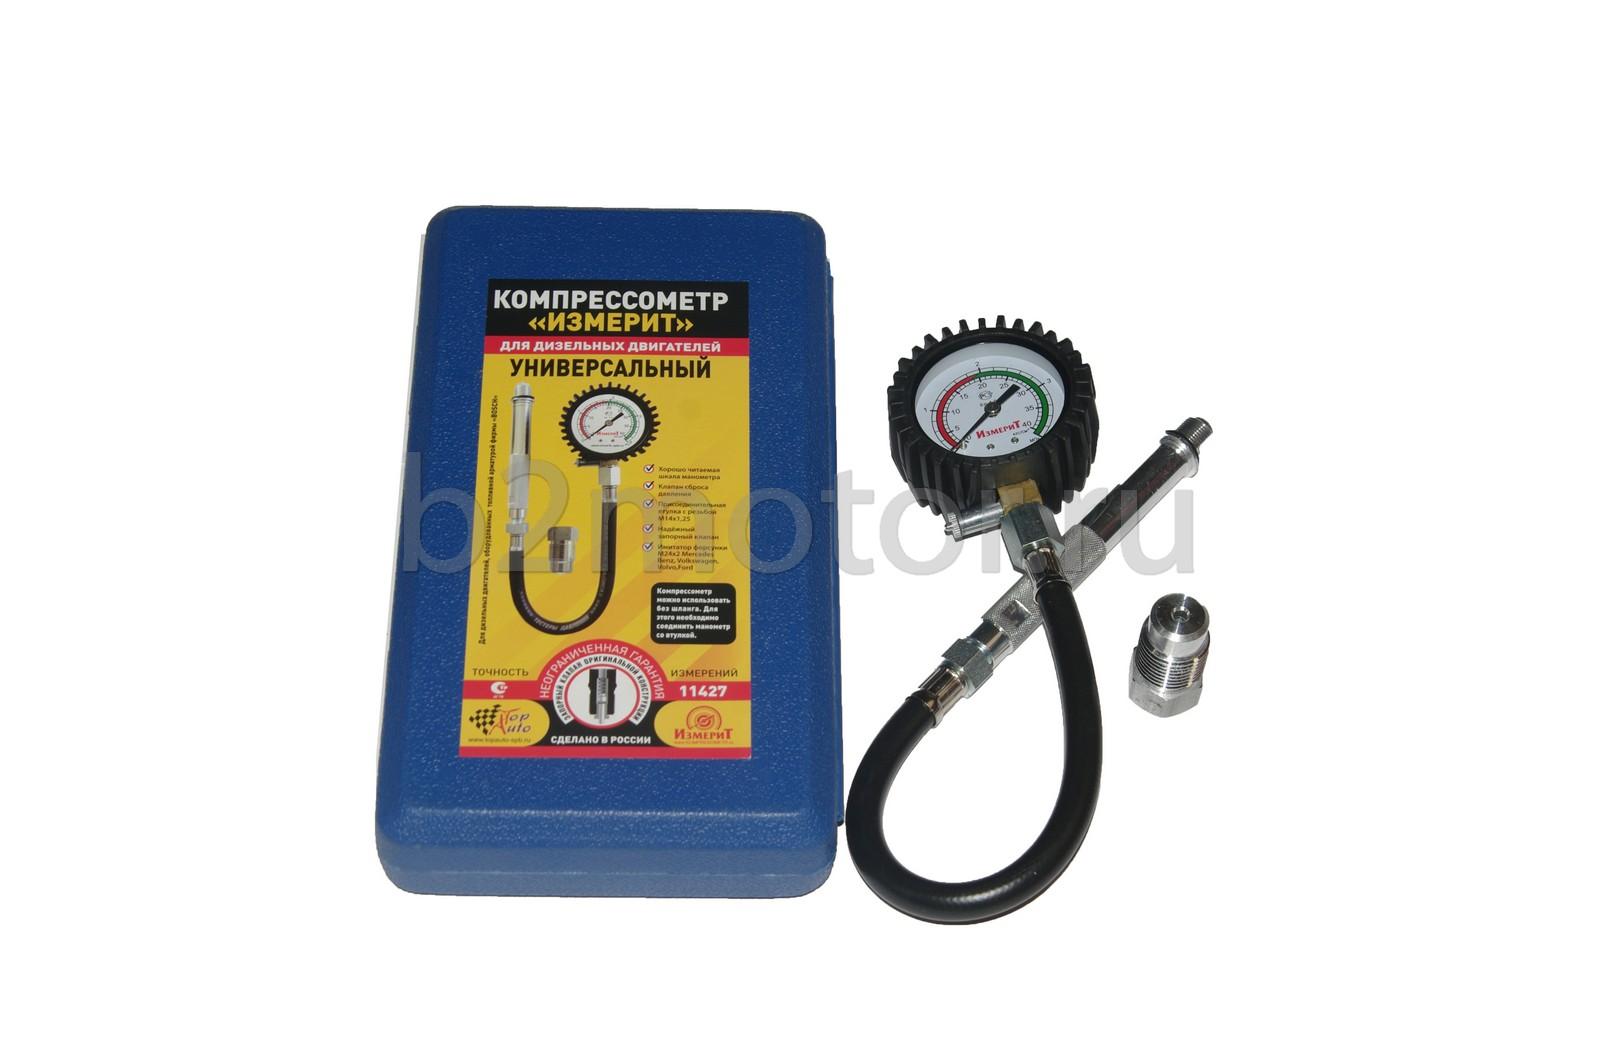 Как сделать компрессометр своими руками из свечи - АвтоЛирика